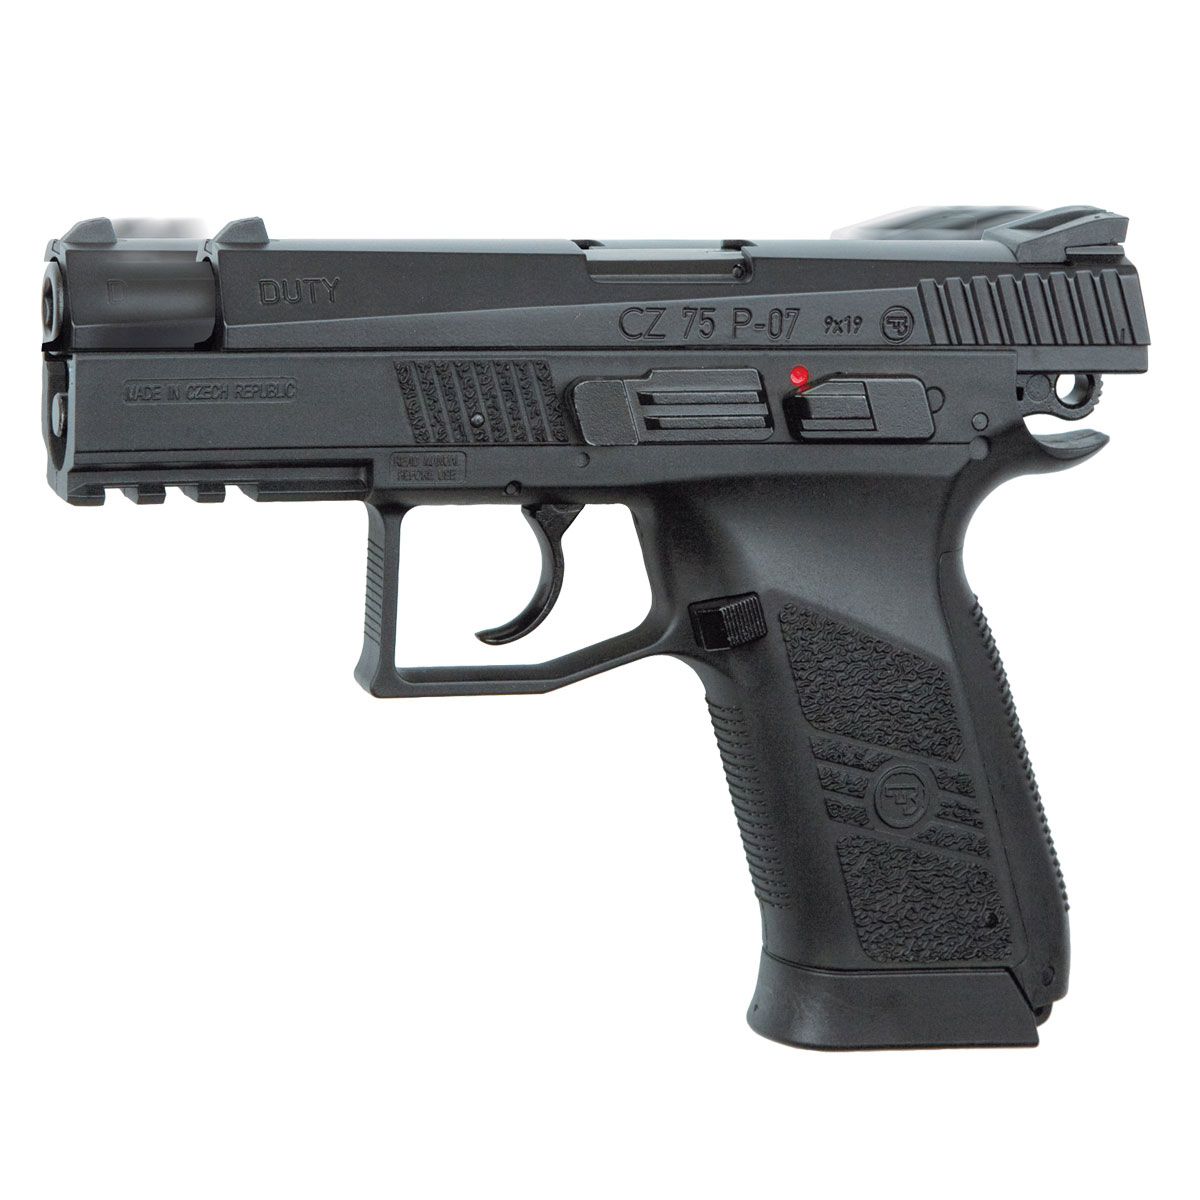 ASG CZ 75 P-07 Duty пистолет пневматический, Blowback, CO2, 4,5 мм, цвет: Black (16728) цена